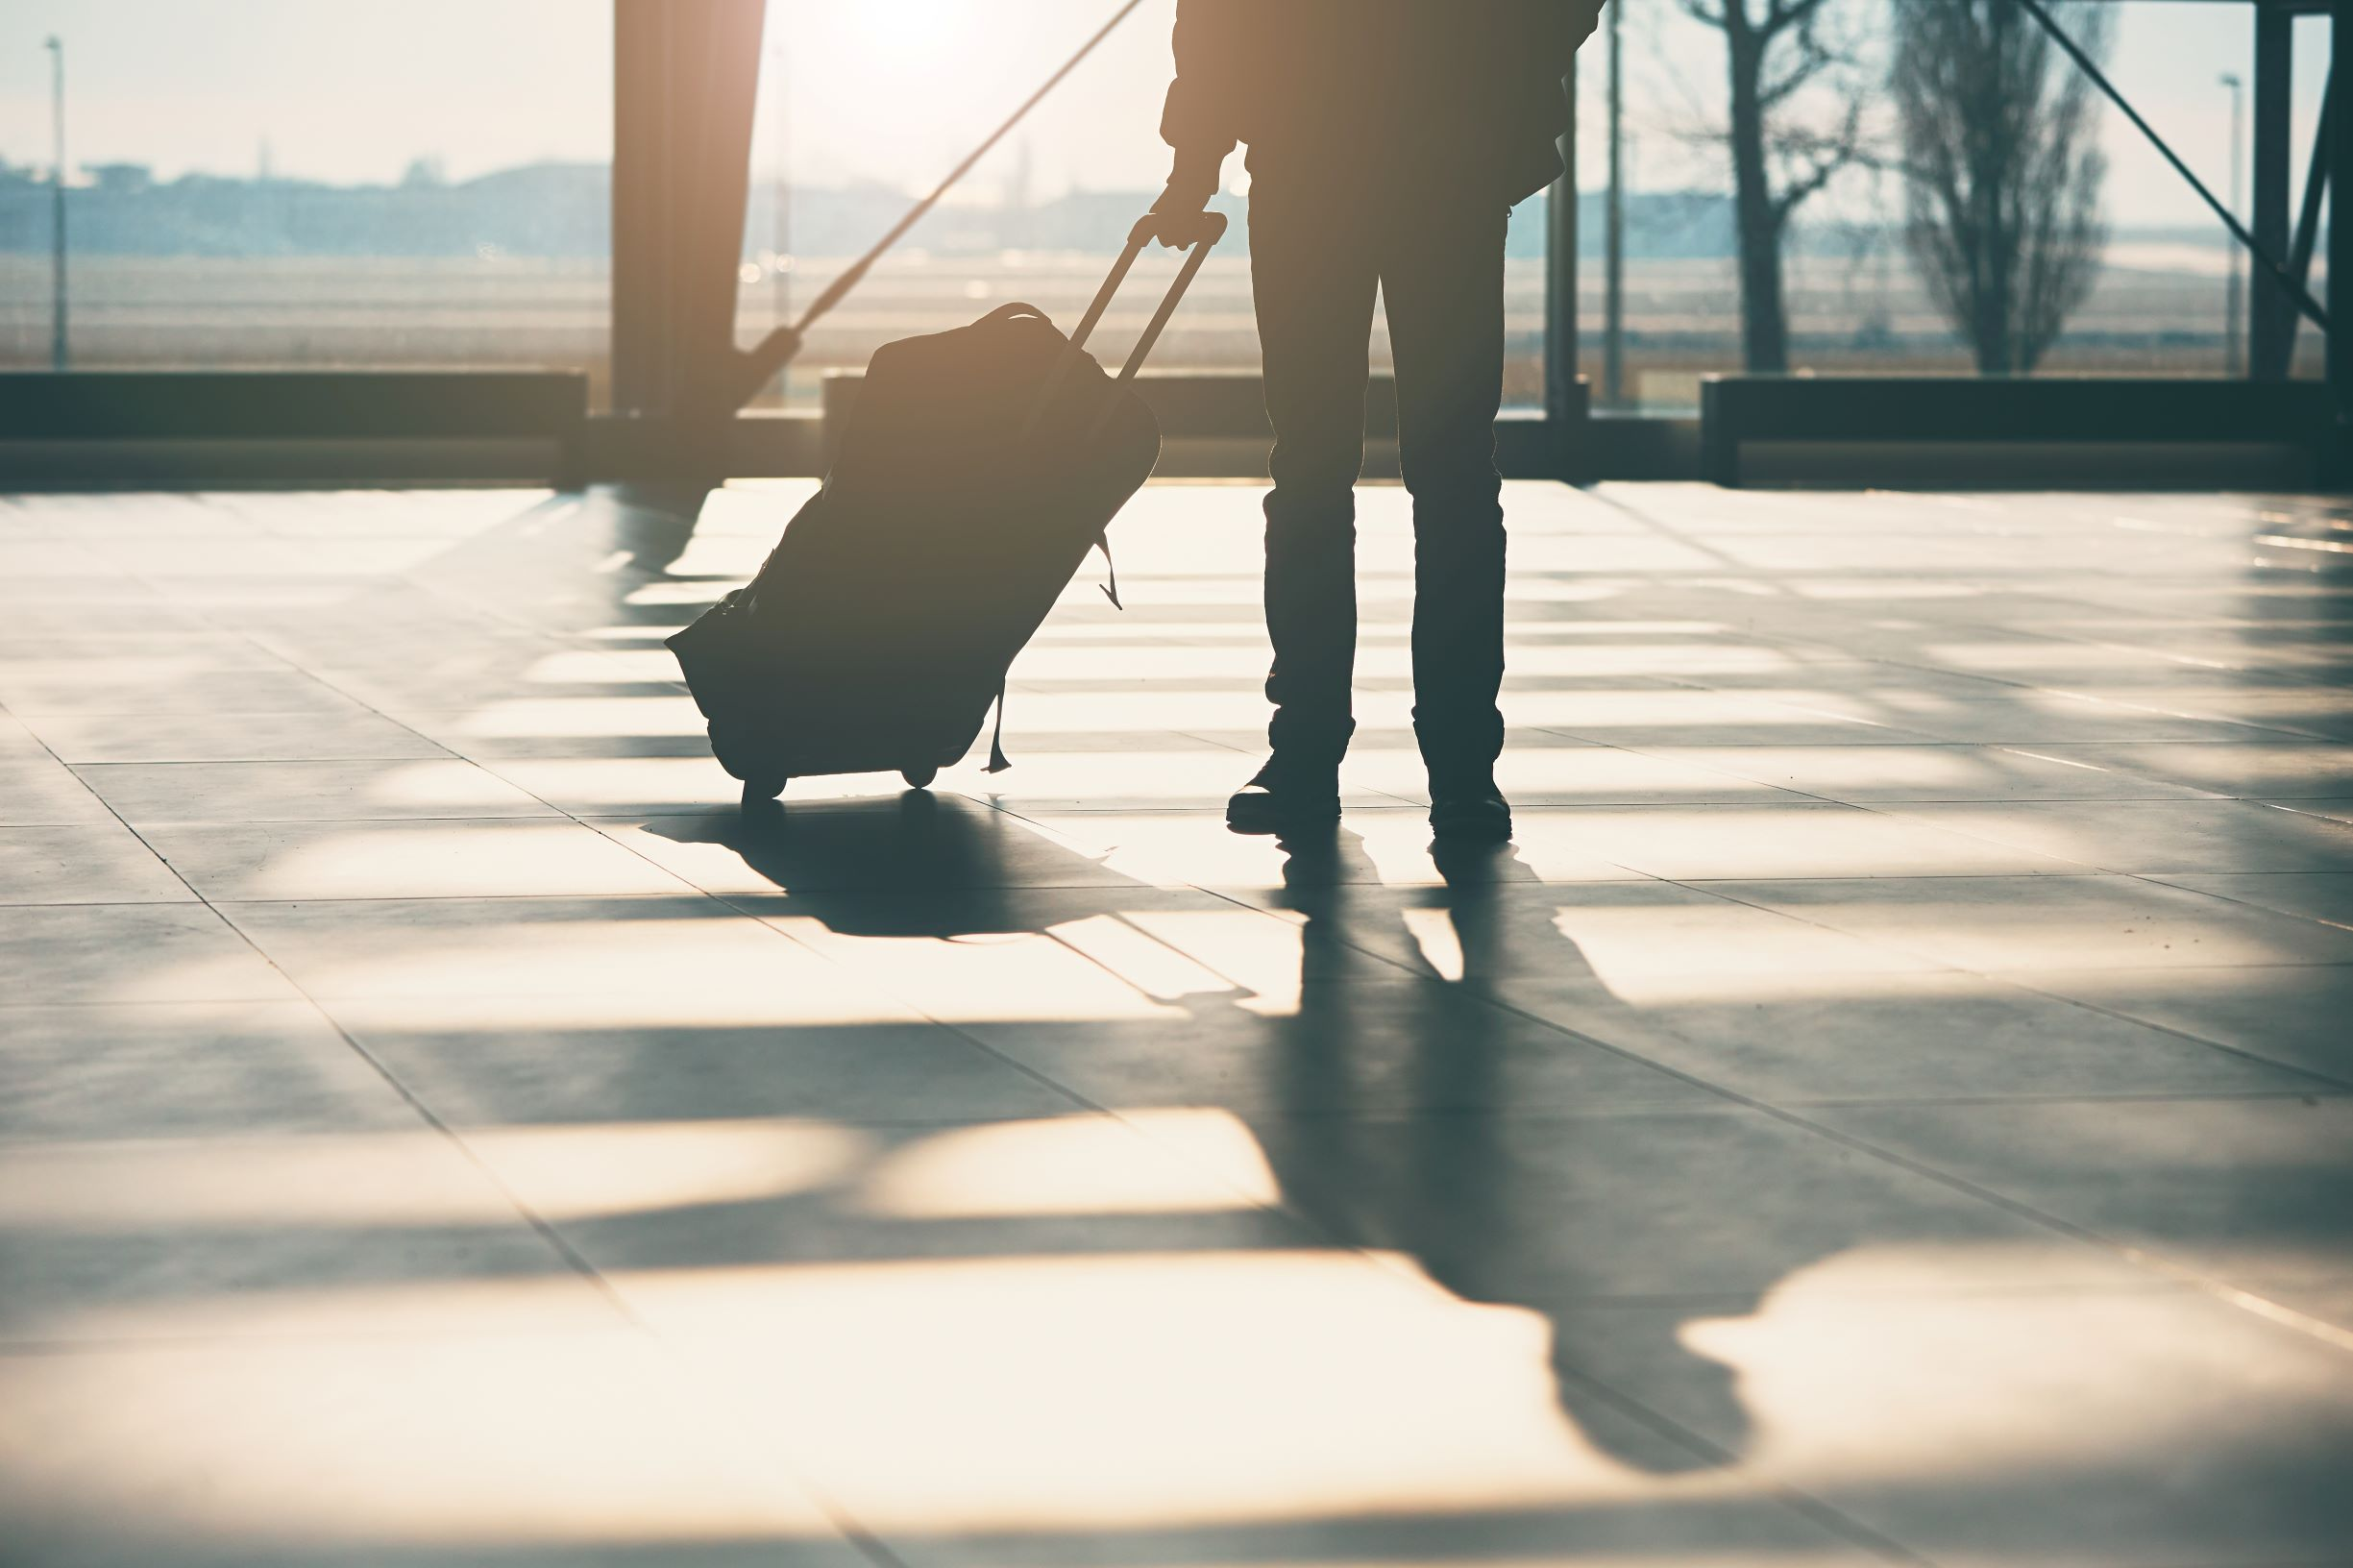 ブッキング・ドットコムで2020年の長期休暇を振り返る! 昨対比で見る宿泊予約傾向を分析して発表